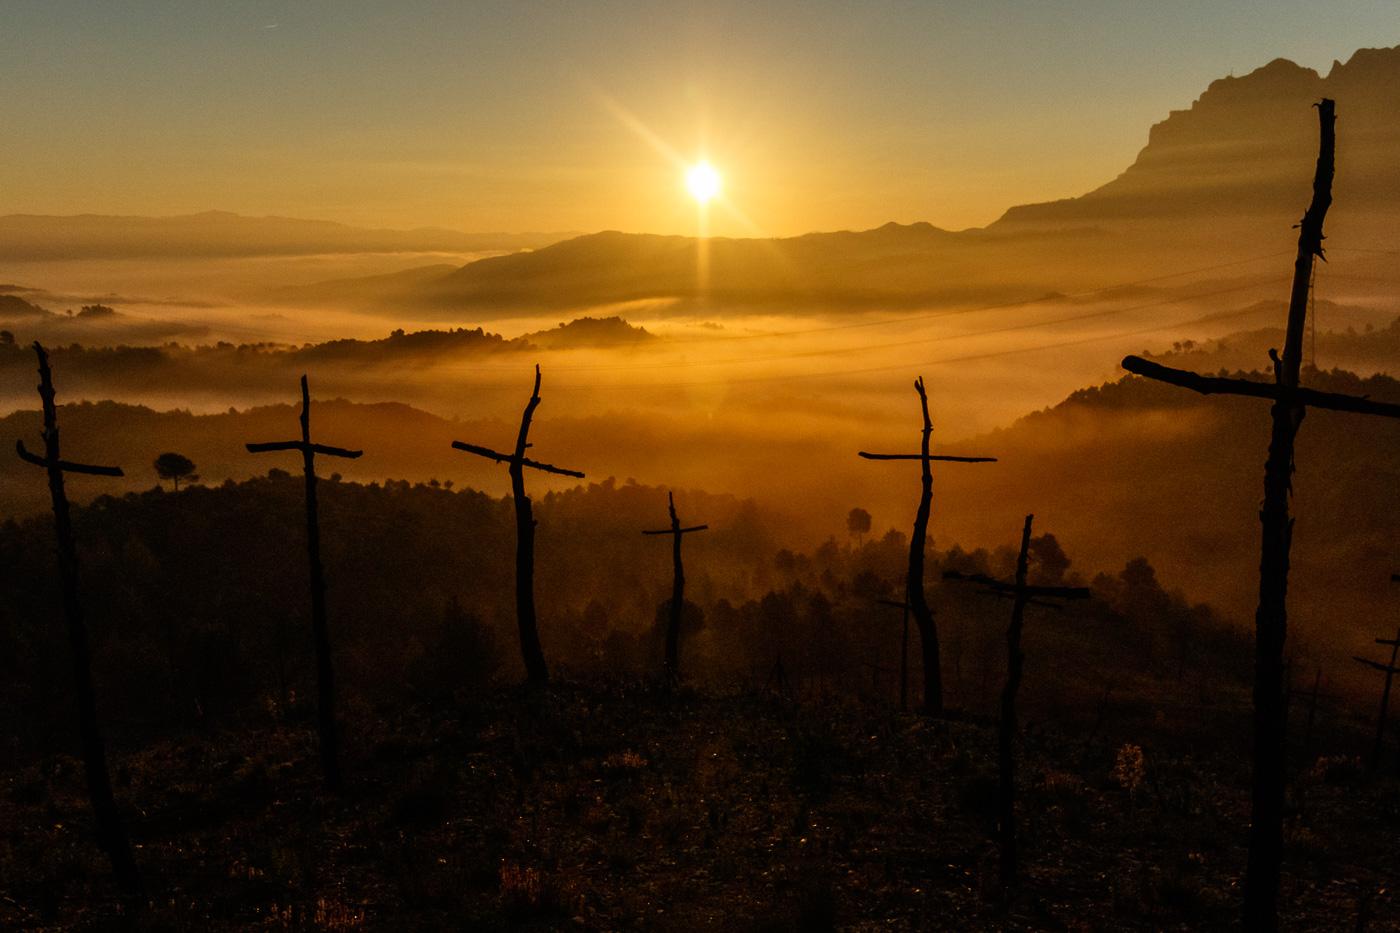 Bosc de les creus - Fotografies de paisatges - Raül Carmona - Fotografia, Fotografia d'estudi, esdeveniments i Natura